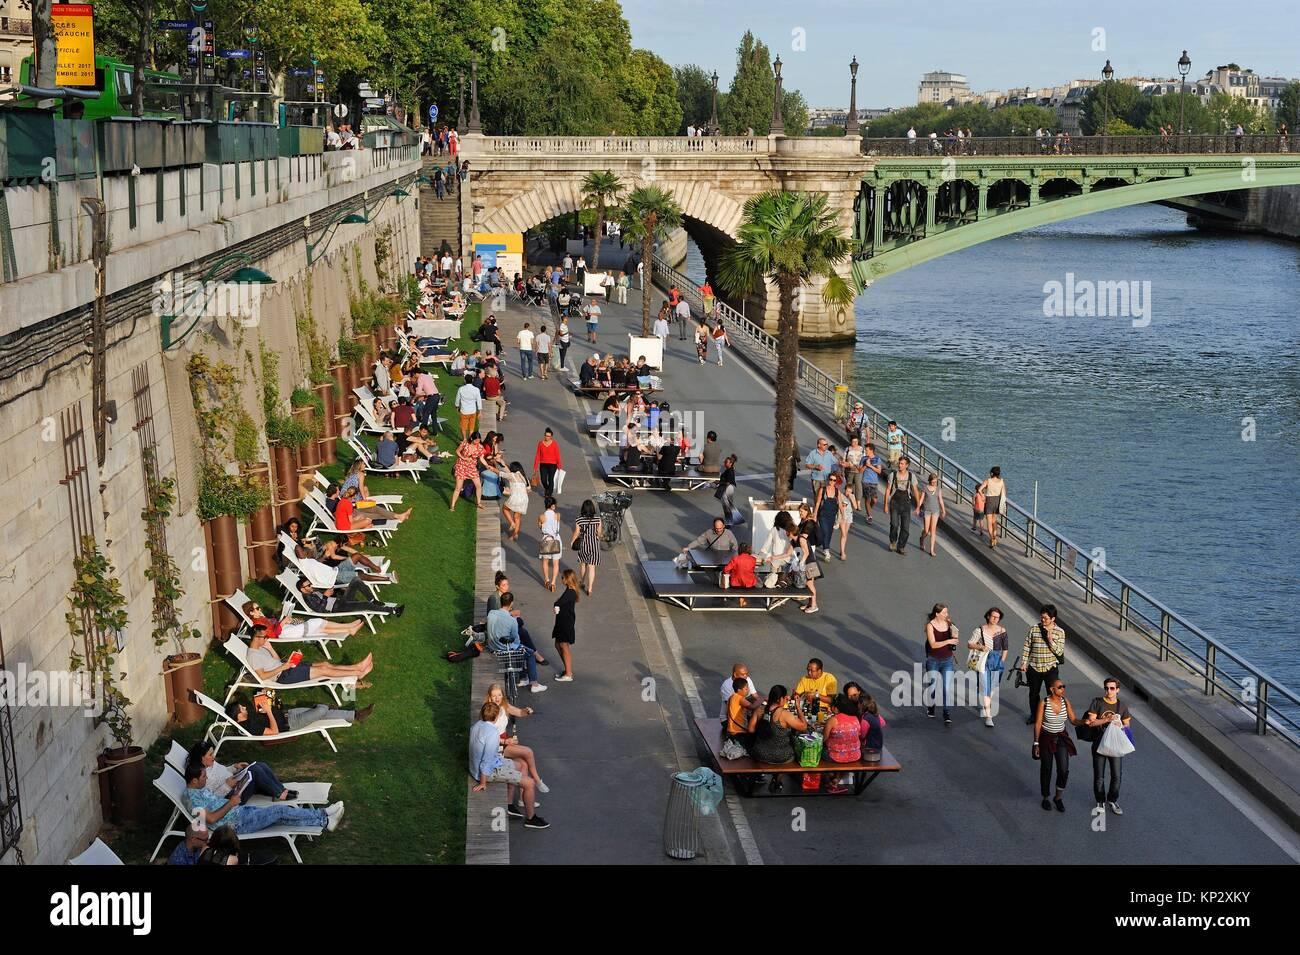 Riverside peatonal G. Pompidou Expressway, con el puente de Notre-Dame, en el fondo, París, Francia, Europa. Imagen De Stock